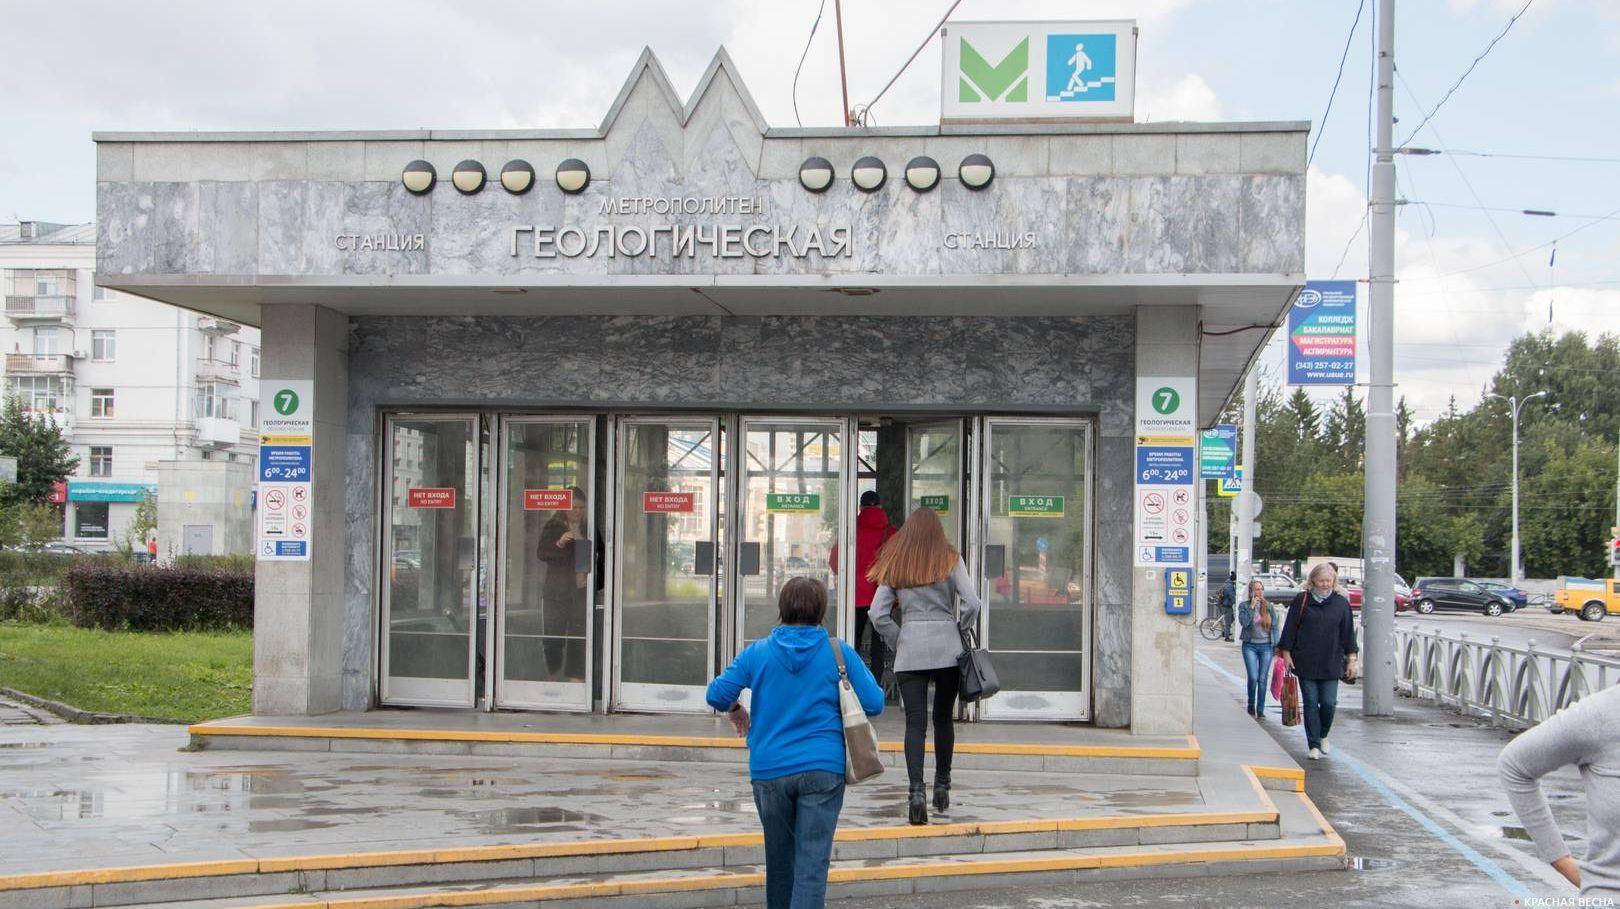 Метро станция Геологическая. Екатеринбург.